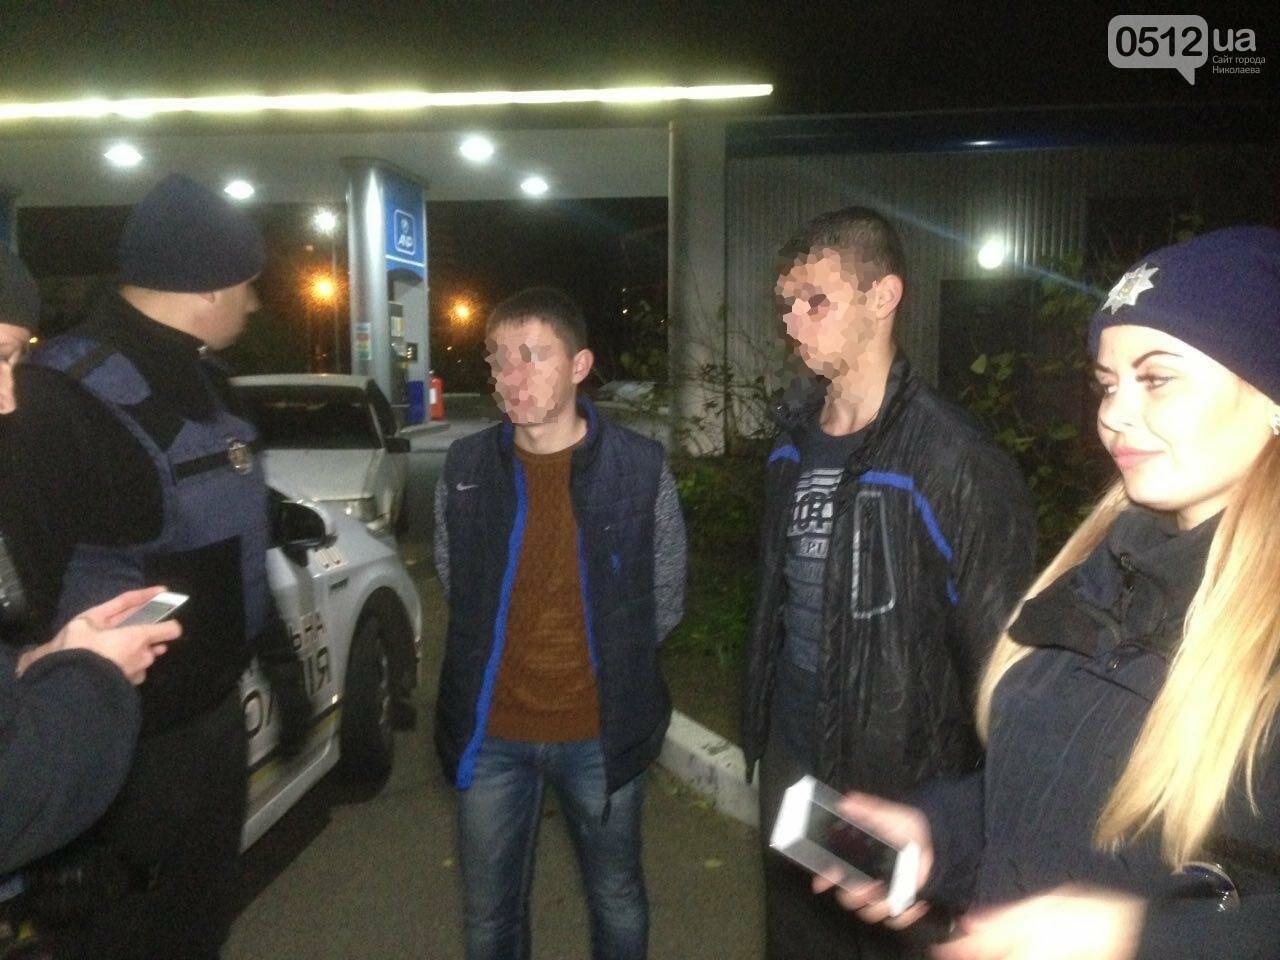 Ночью в Николаеве трое мужчин напали и ограбили снимавшего сюжет журналиста (ФОТО, ВИДЕО), фото-3